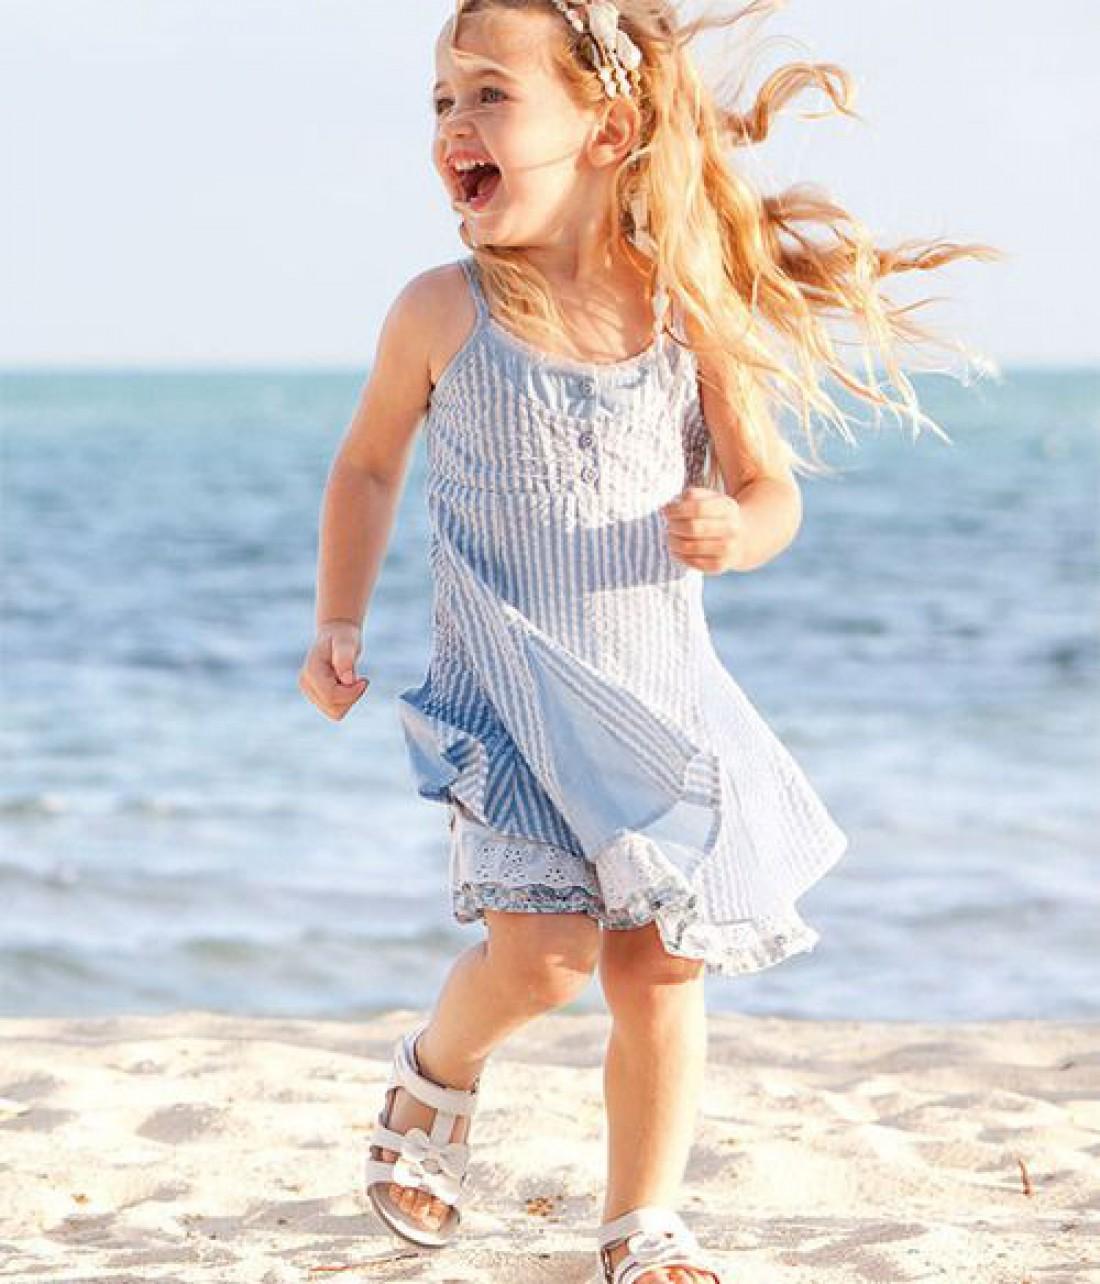 ТОП-3 опасности для здоровья ребенка летом